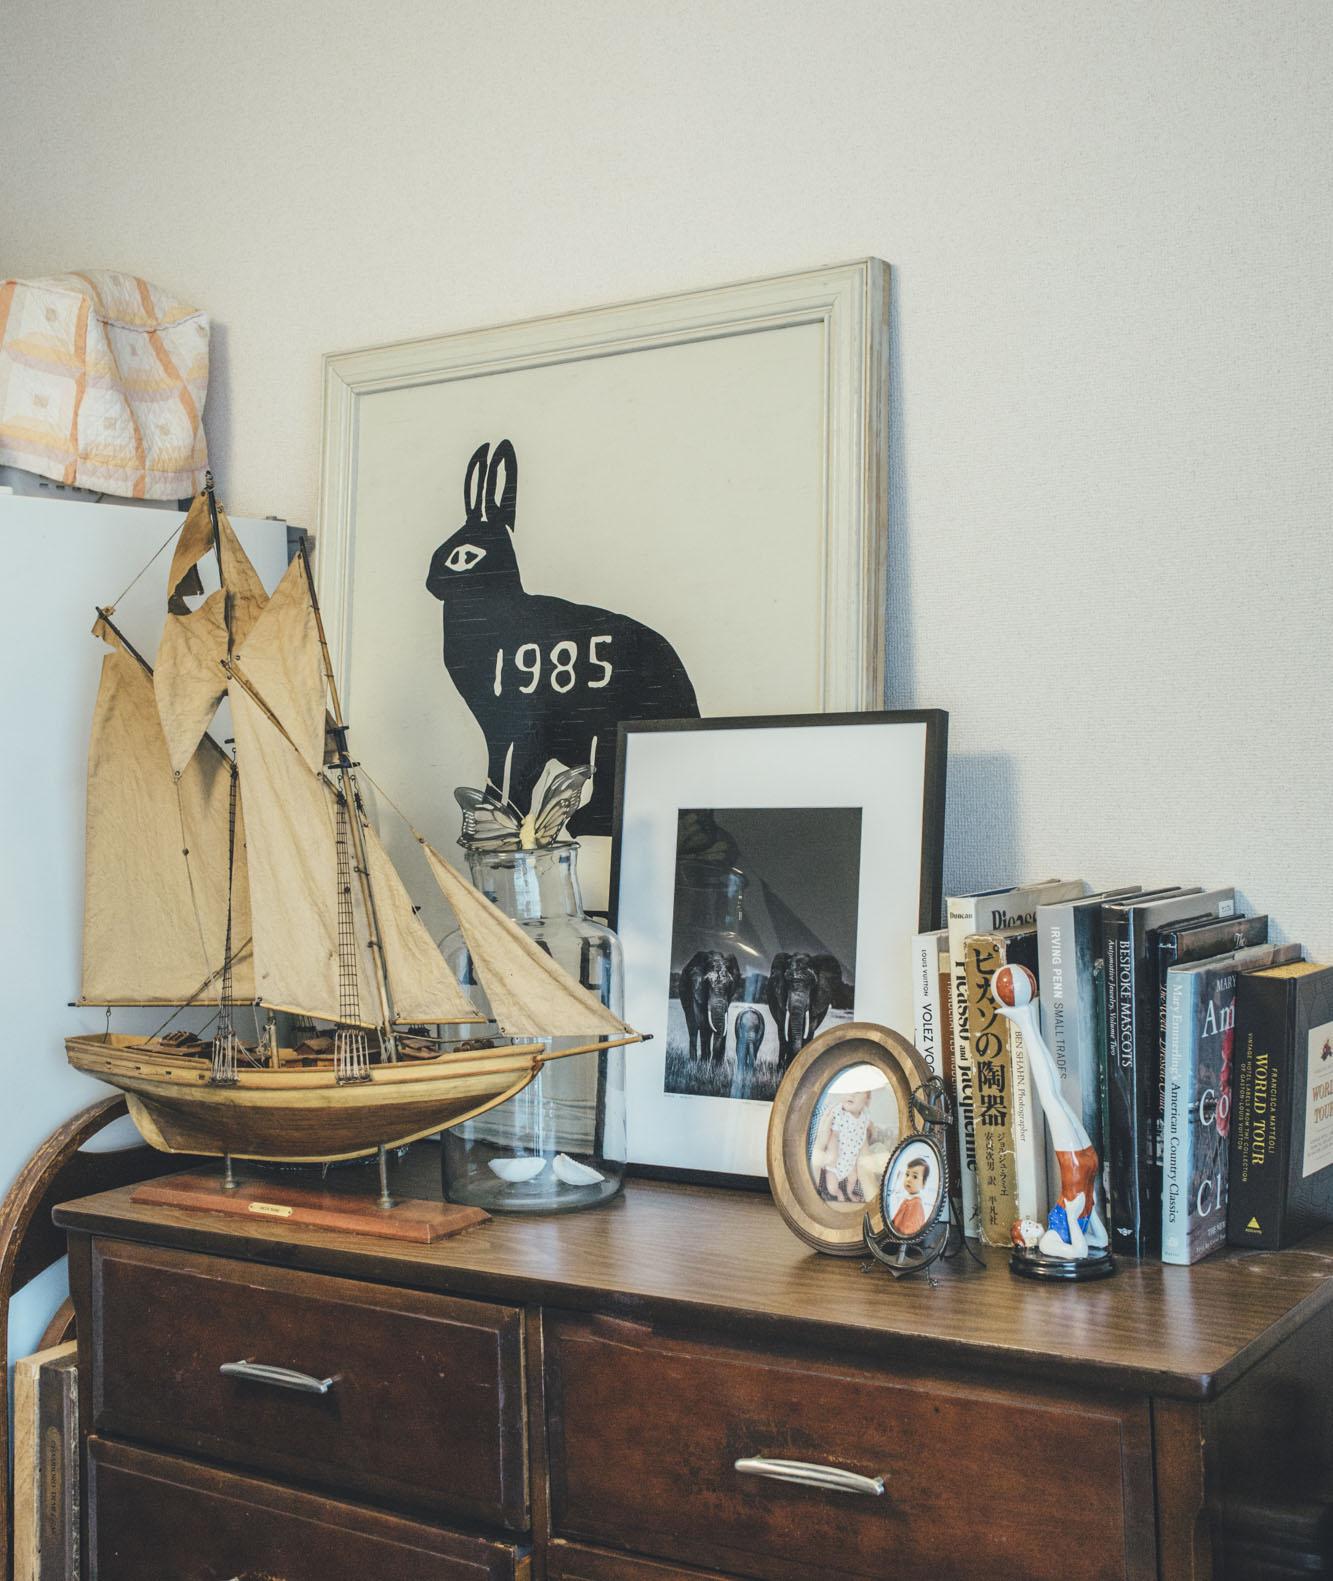 MilKのダイアリーでもおなじみ、サリュコワ・マリアさん宅。ヴィンテージのチェストには、ウサギの絵、象のアート写真、子どもの写真とお気に入りのオブジェが並ぶ(「ボントンPRに聞く、アートと暮らす部屋の作りかた」より)。